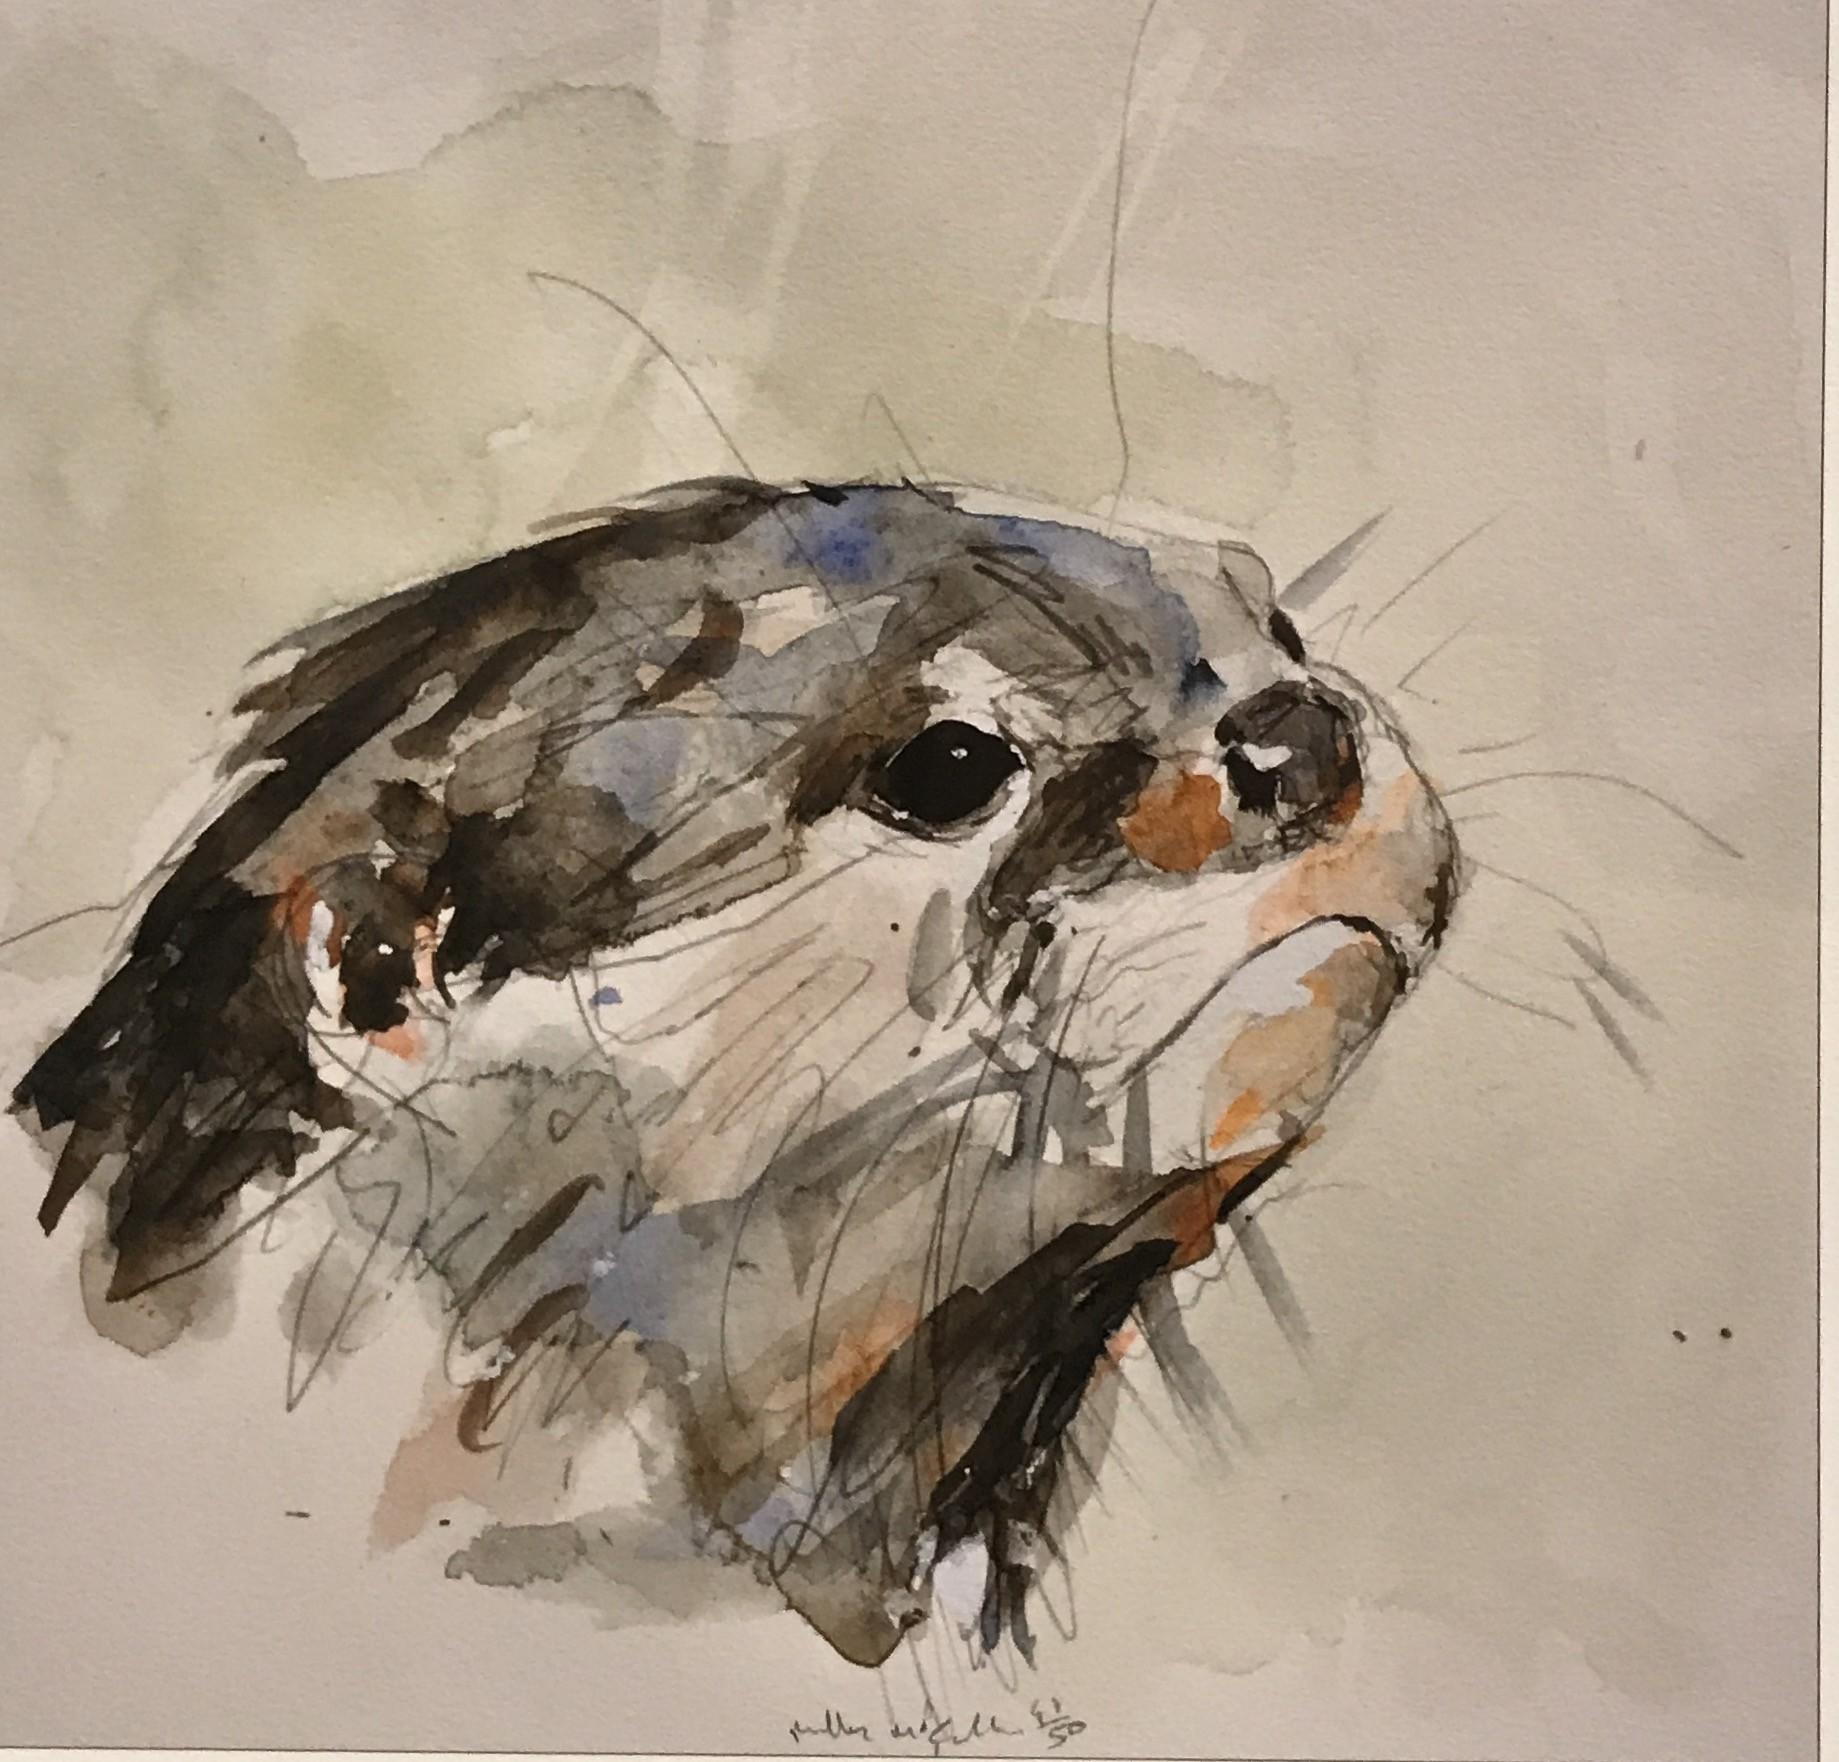 <span class=&#34;link fancybox-details-link&#34;><a href=&#34;/artists/39-millie-mccallum/works/154-millie-mccallum-otter/&#34;>View Detail Page</a></span><div class=&#34;artist&#34;><strong>Millie McCallum</strong></div> <div class=&#34;title&#34;><em>Otter</em></div> <div class=&#34;medium&#34;>Watercolour Print</div> <div class=&#34;dimensions&#34;>20 x 20 cm (paper size)</div> <div class=&#34;edition_details&#34;>40/50</div>